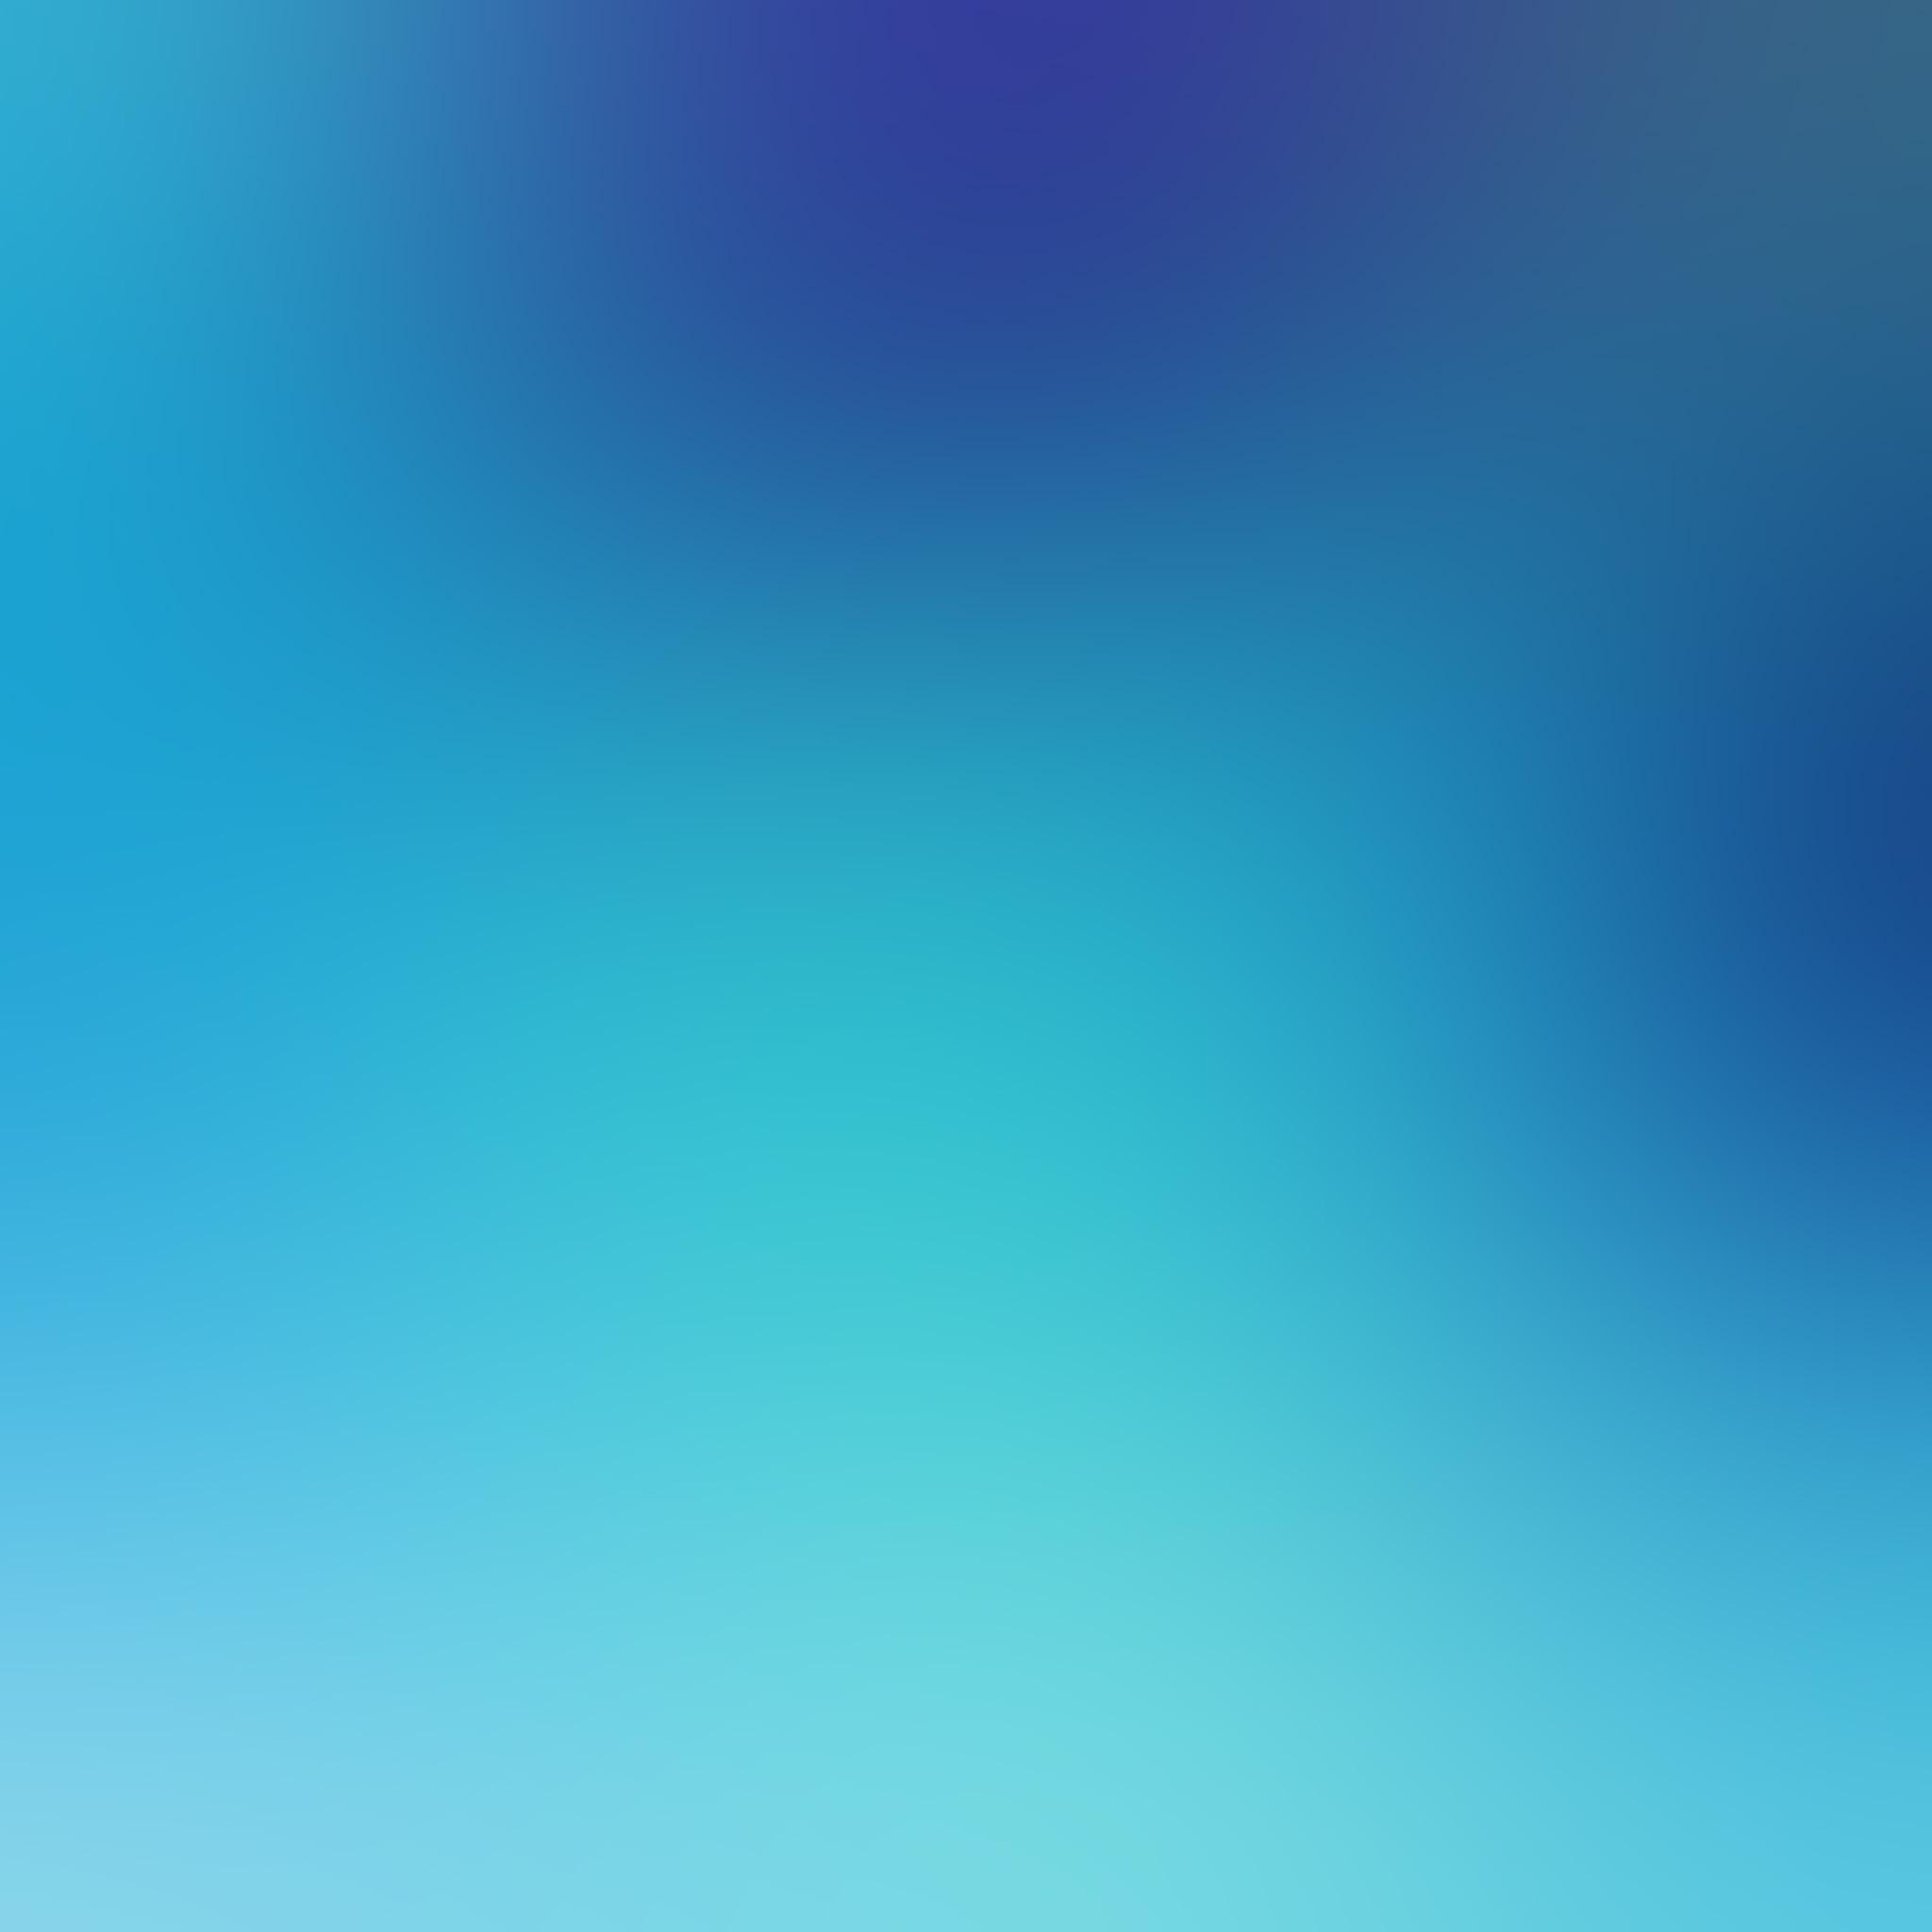 ipad mini wallpaper size ios 8